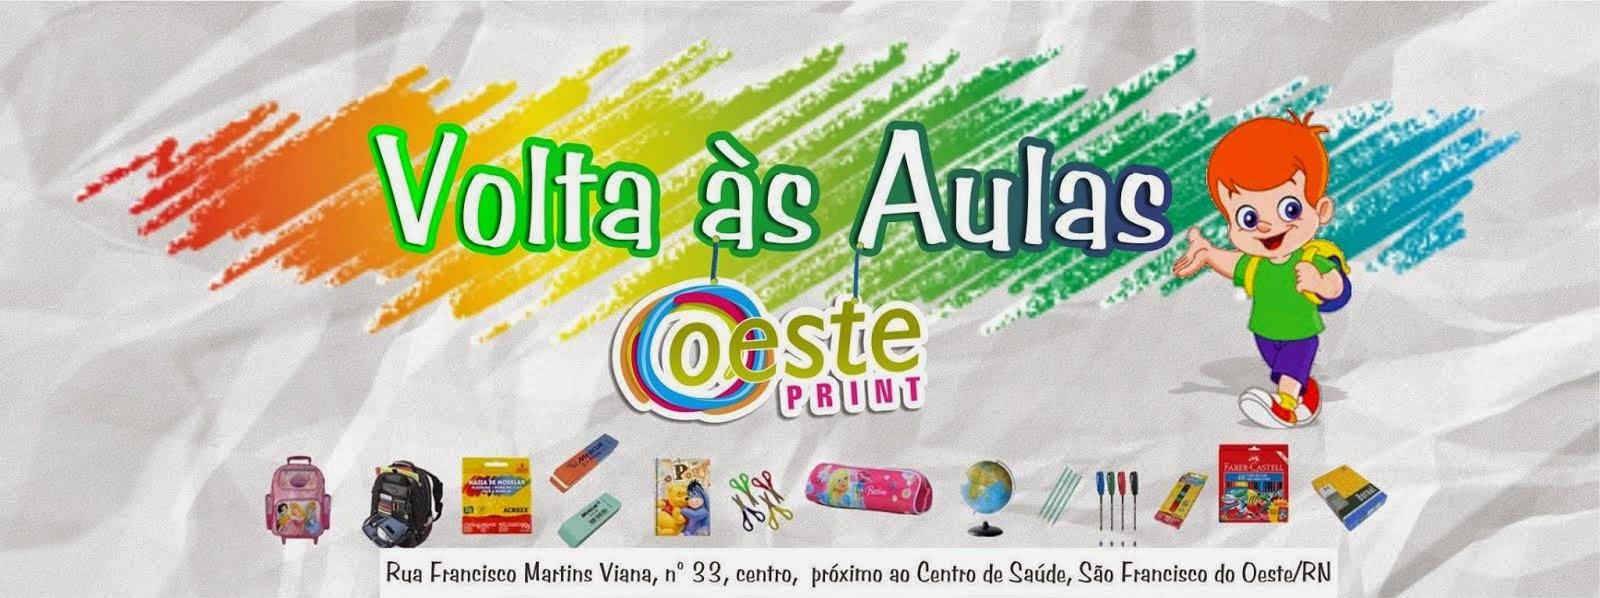 PROMOÇÃO DE VOLTA ÀS AULAS!